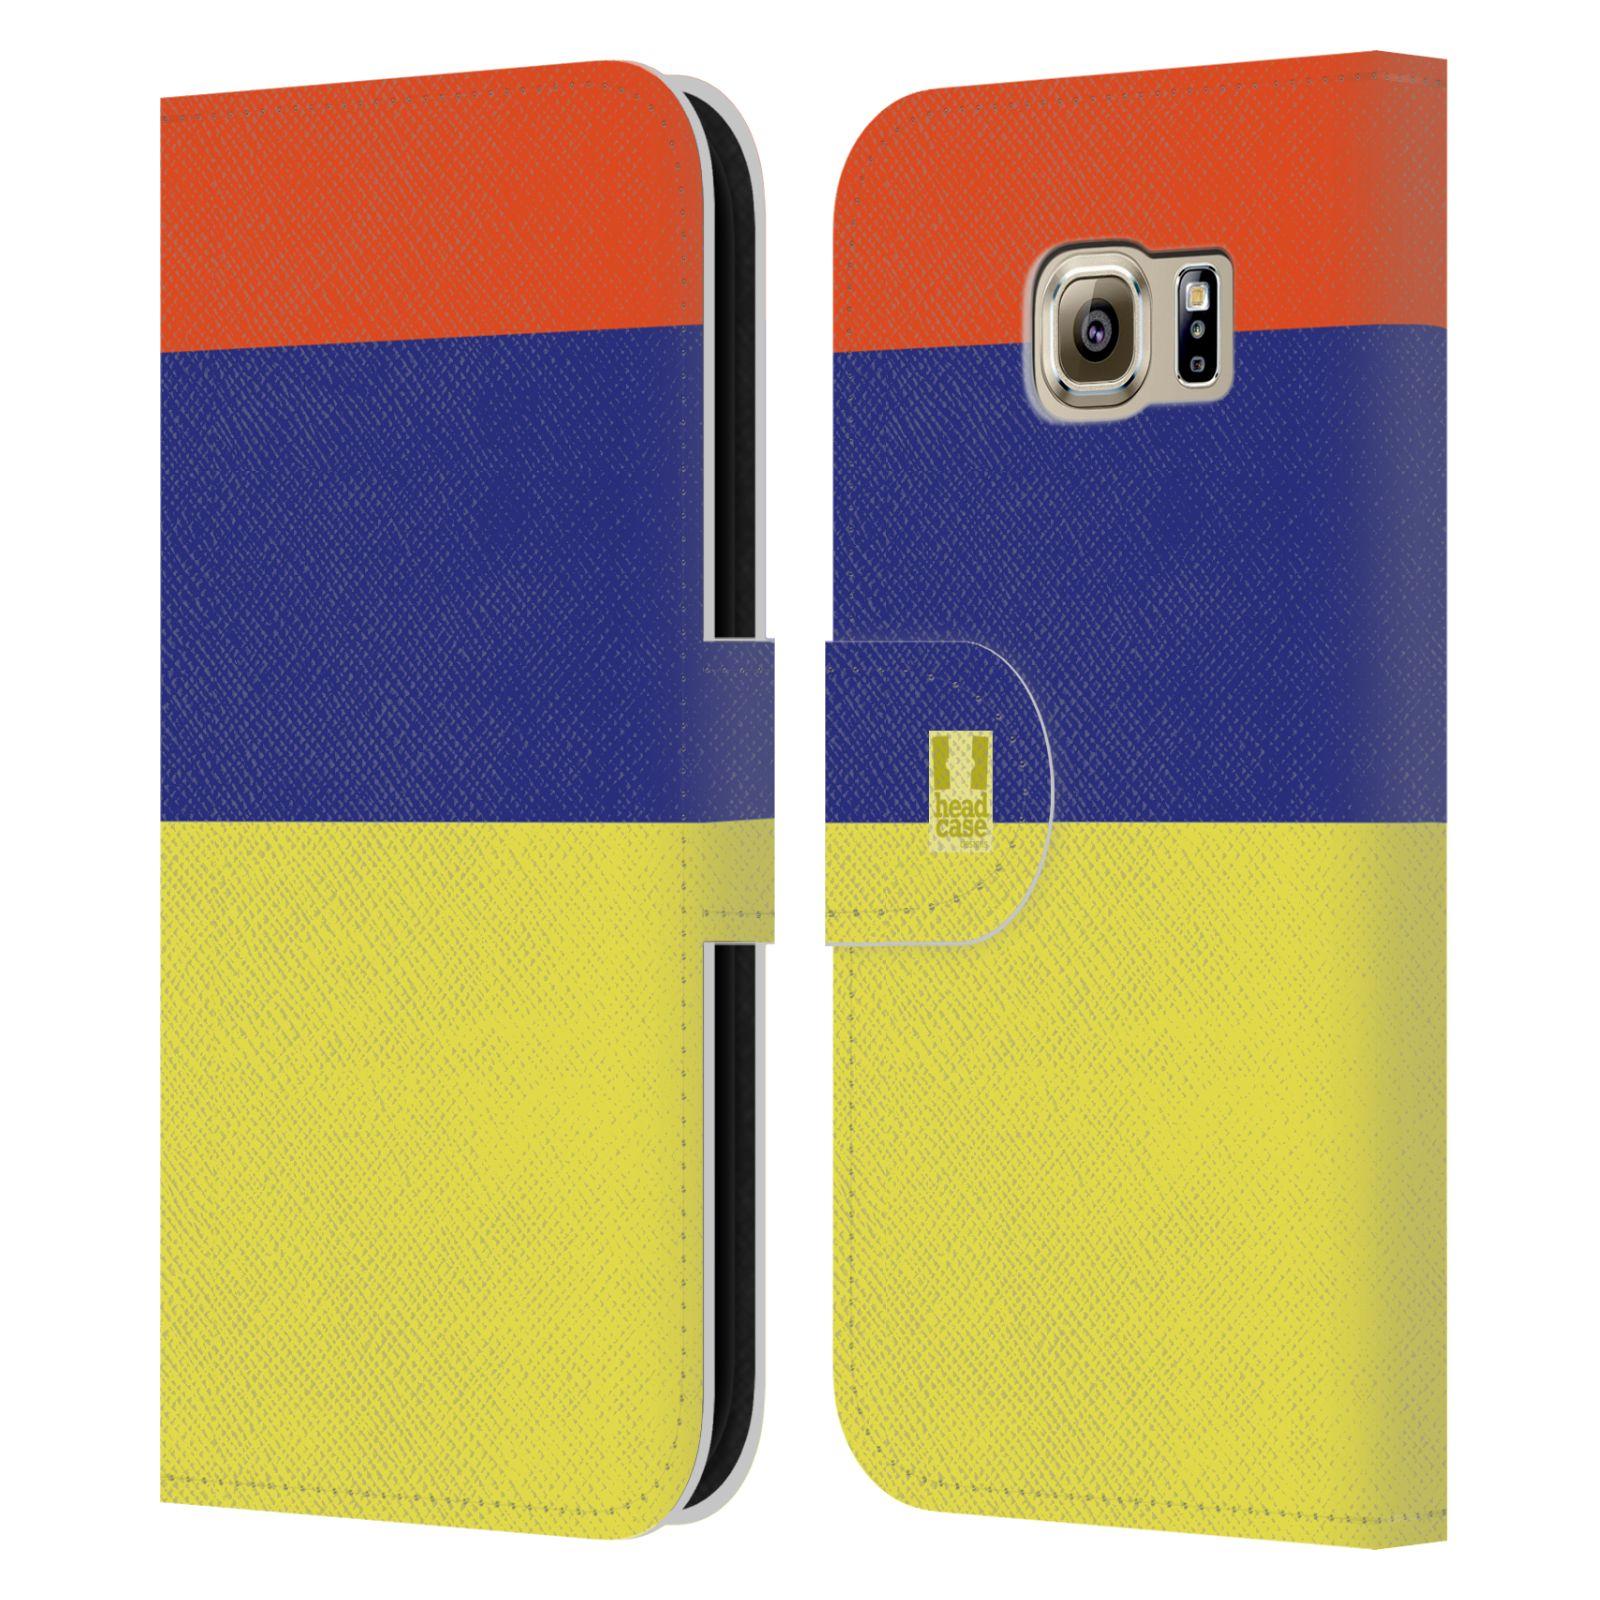 HEAD CASE Flipové pouzdro pro mobil Samsung Galaxy S6 barevné tvary žlutá, modrá, červená